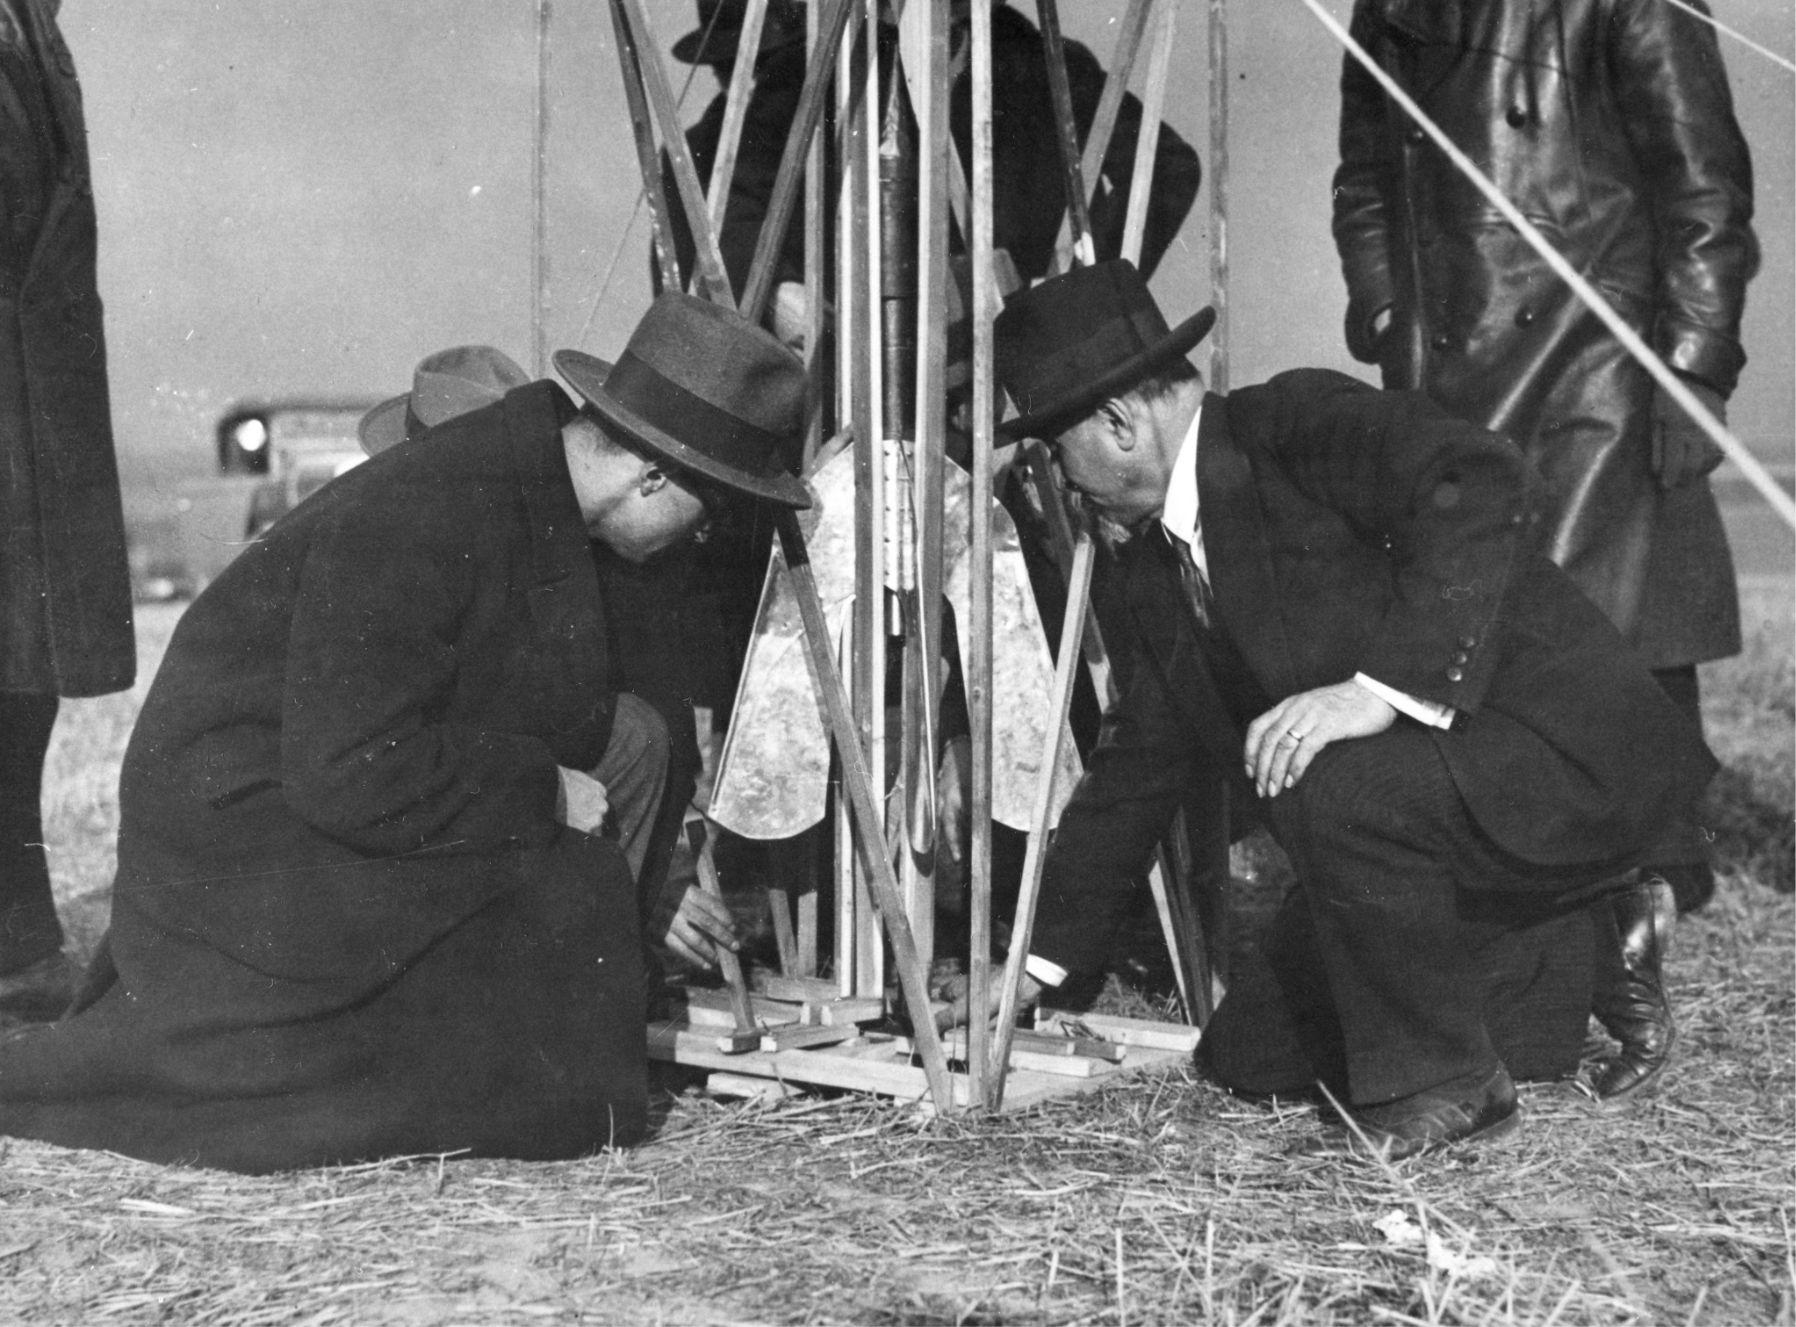 Pokusy Ludvíka Očenáška s raketami v březnu 1930. Vypustil osm raket, které byly dlouhé přibližně půl metru. Jedna z nich vzlétla do výšky 1,5 km.